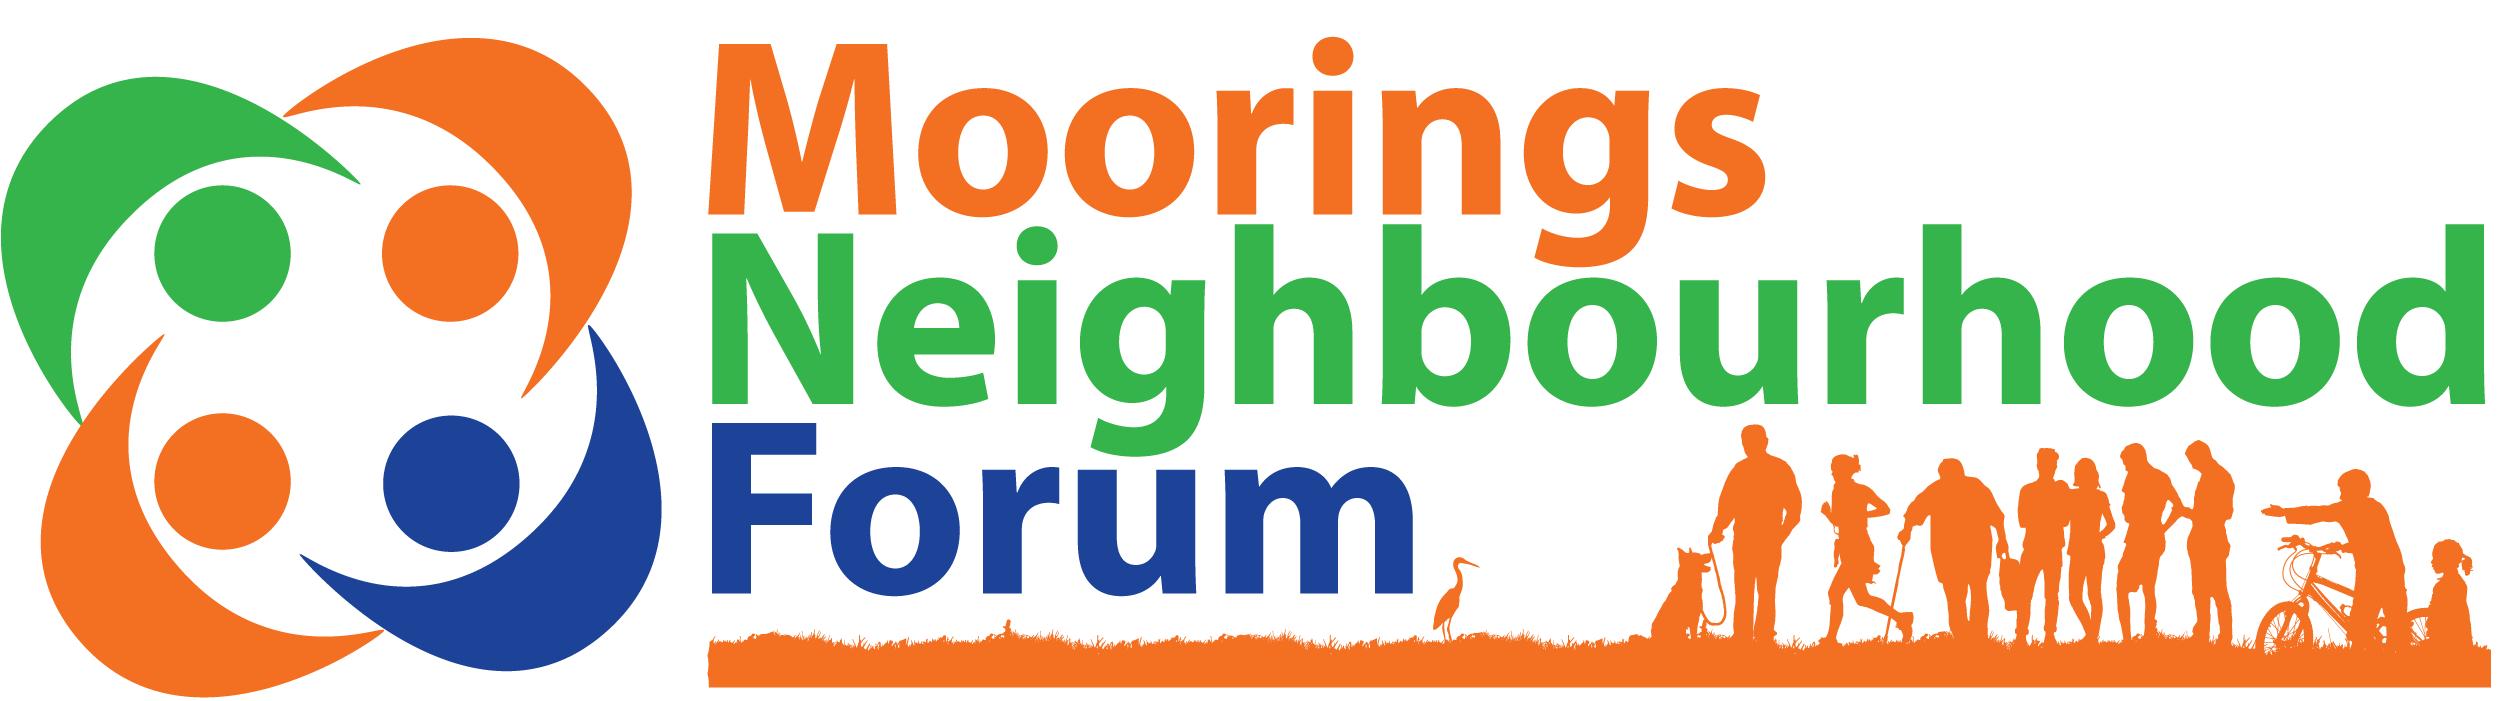 Moorings Neighbourhood Forum